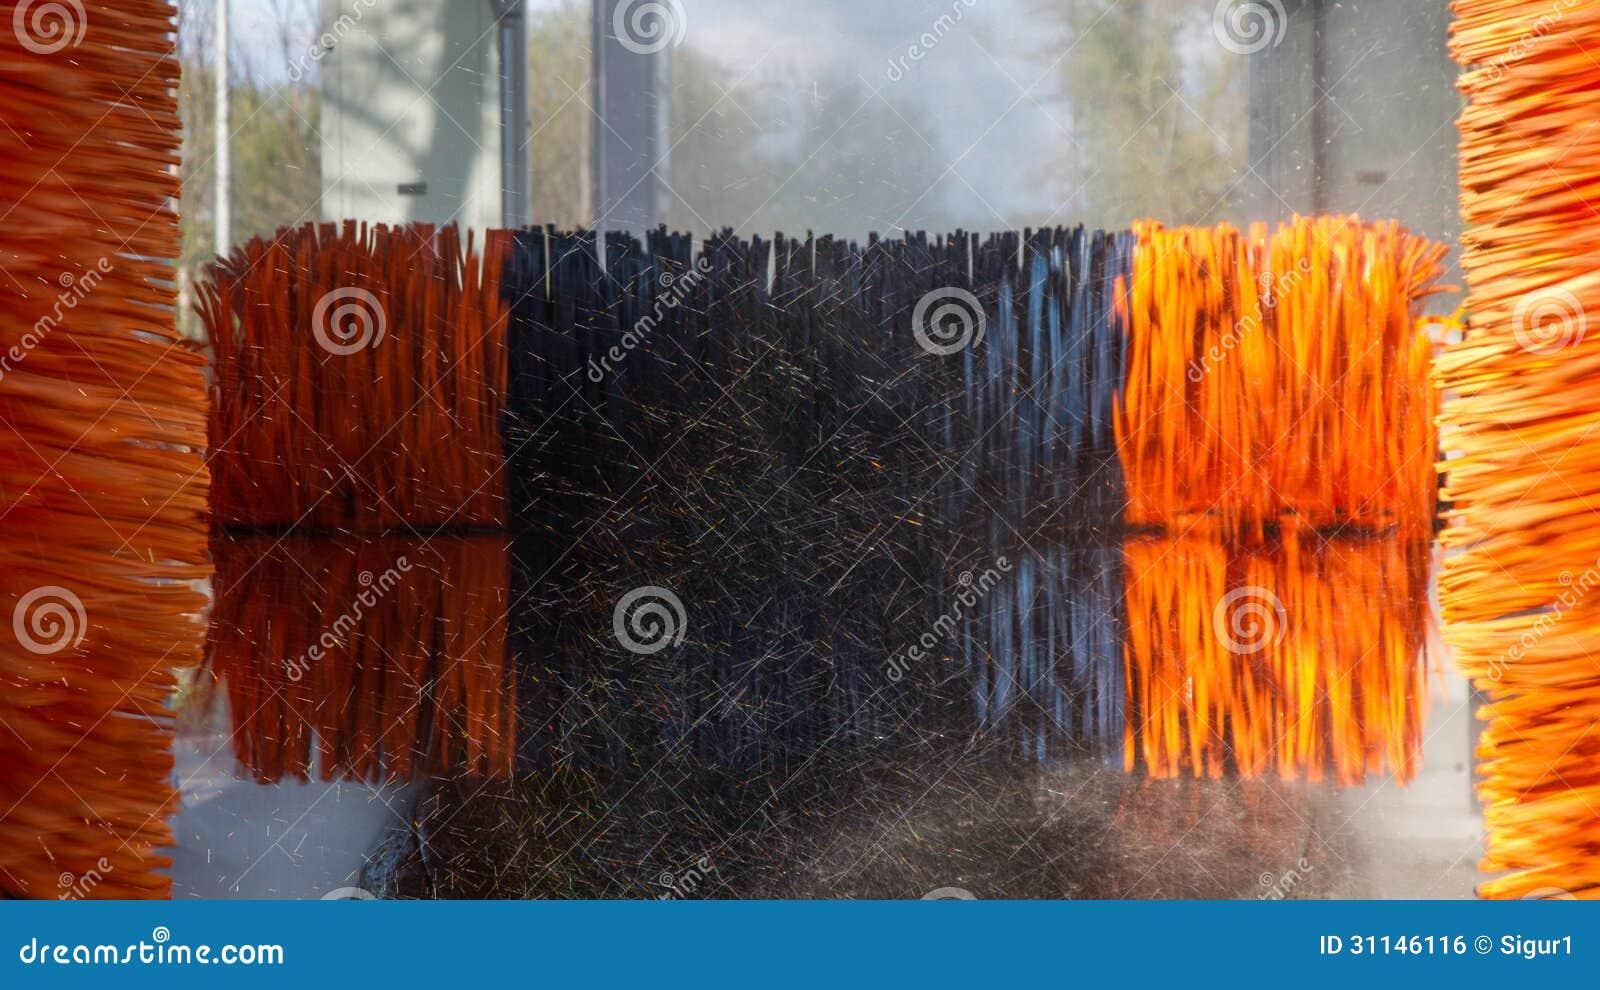 Foam Spray Car Wash >> Tunnel Car Wash Machine Royalty Free Stock Image - Image: 31146116